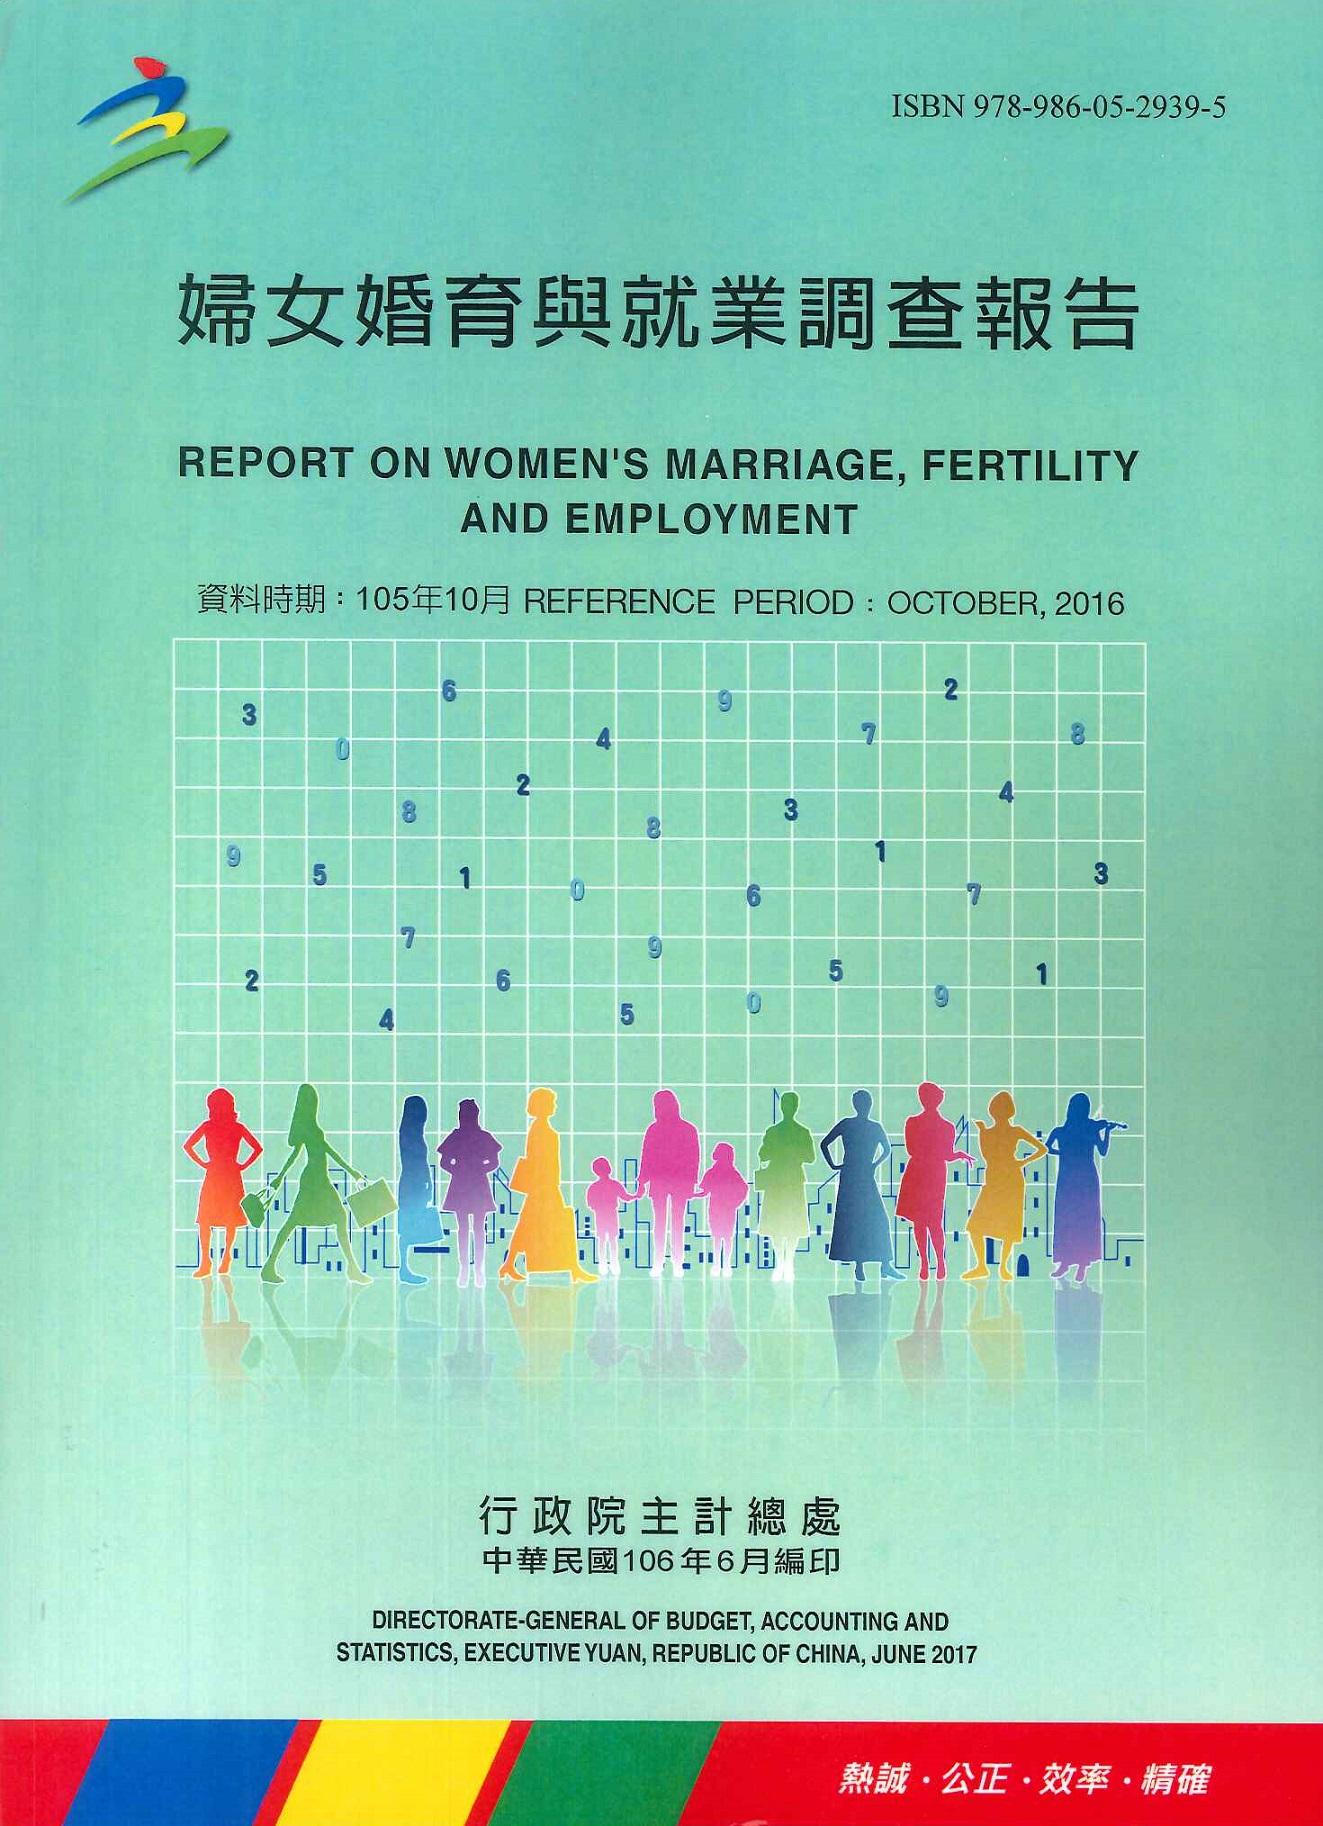 婦女婚育與就業調查報告=Report on women